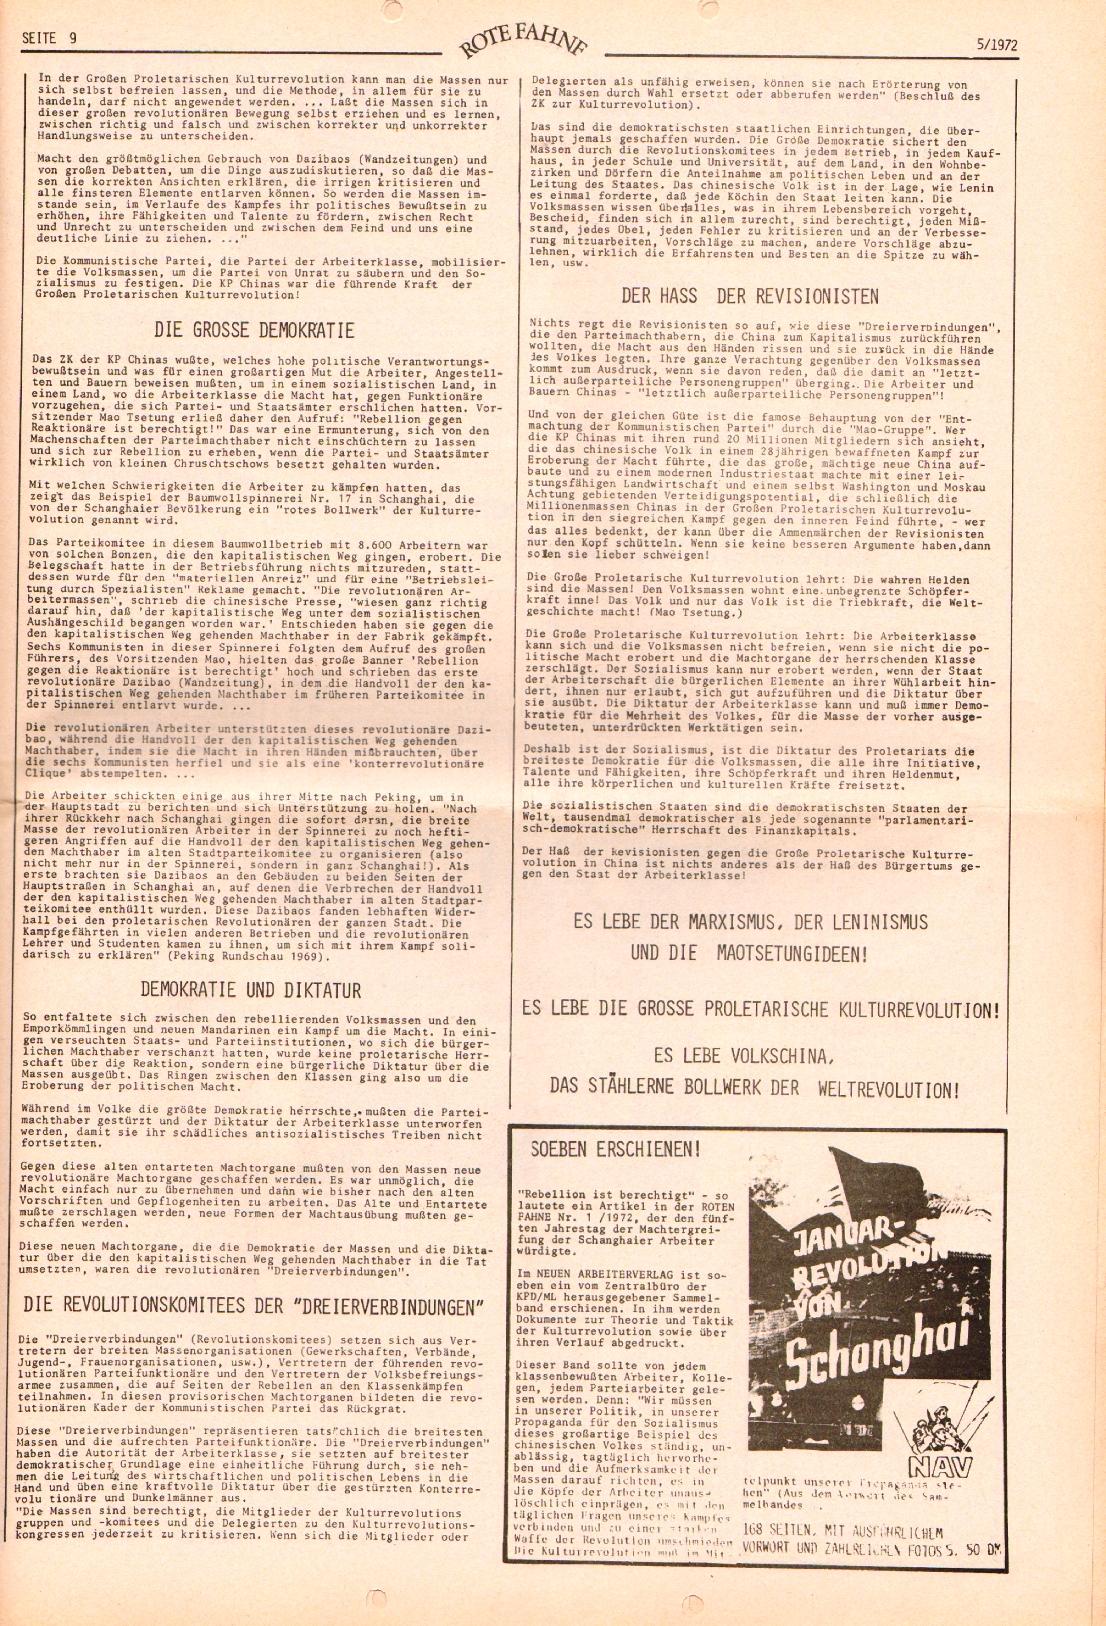 Rote Fahne, 3. Jg., 6.3.1972, Nr. 5, Seite 9